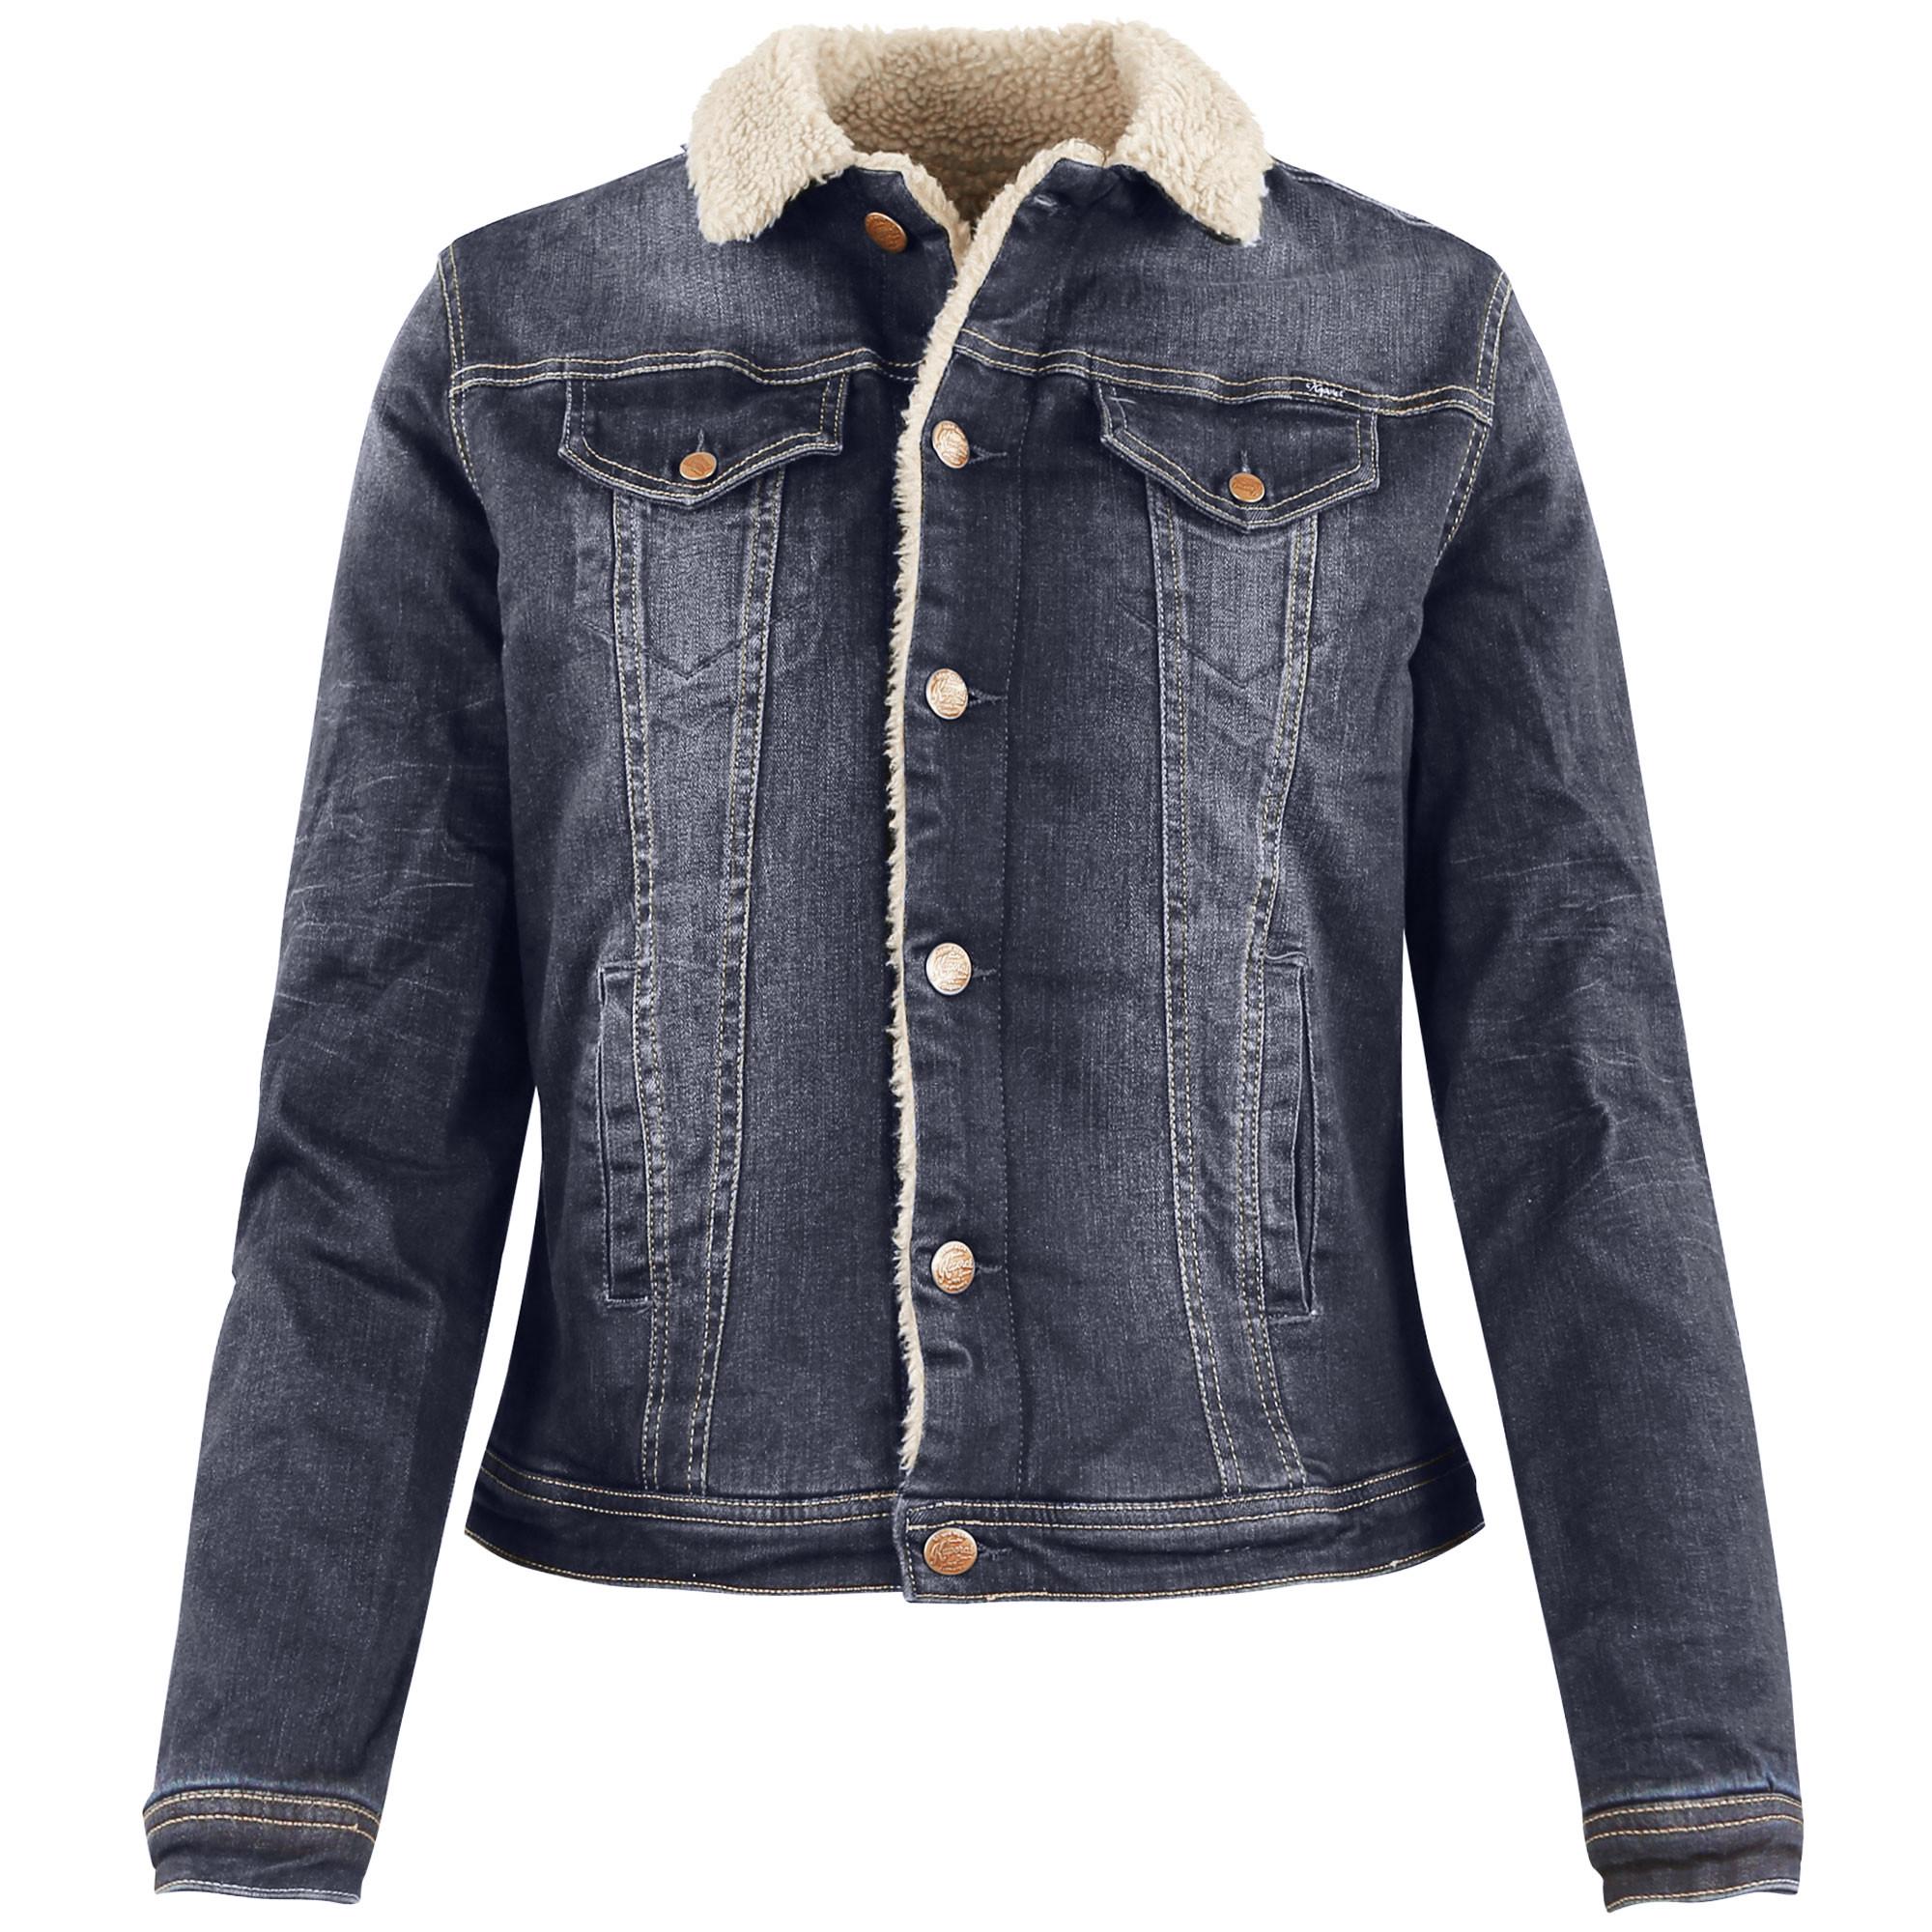 Robe Catimini VÊtement Fille 1 Ans /12 Mois Tres Bon Etat Vêtements, Accessoires